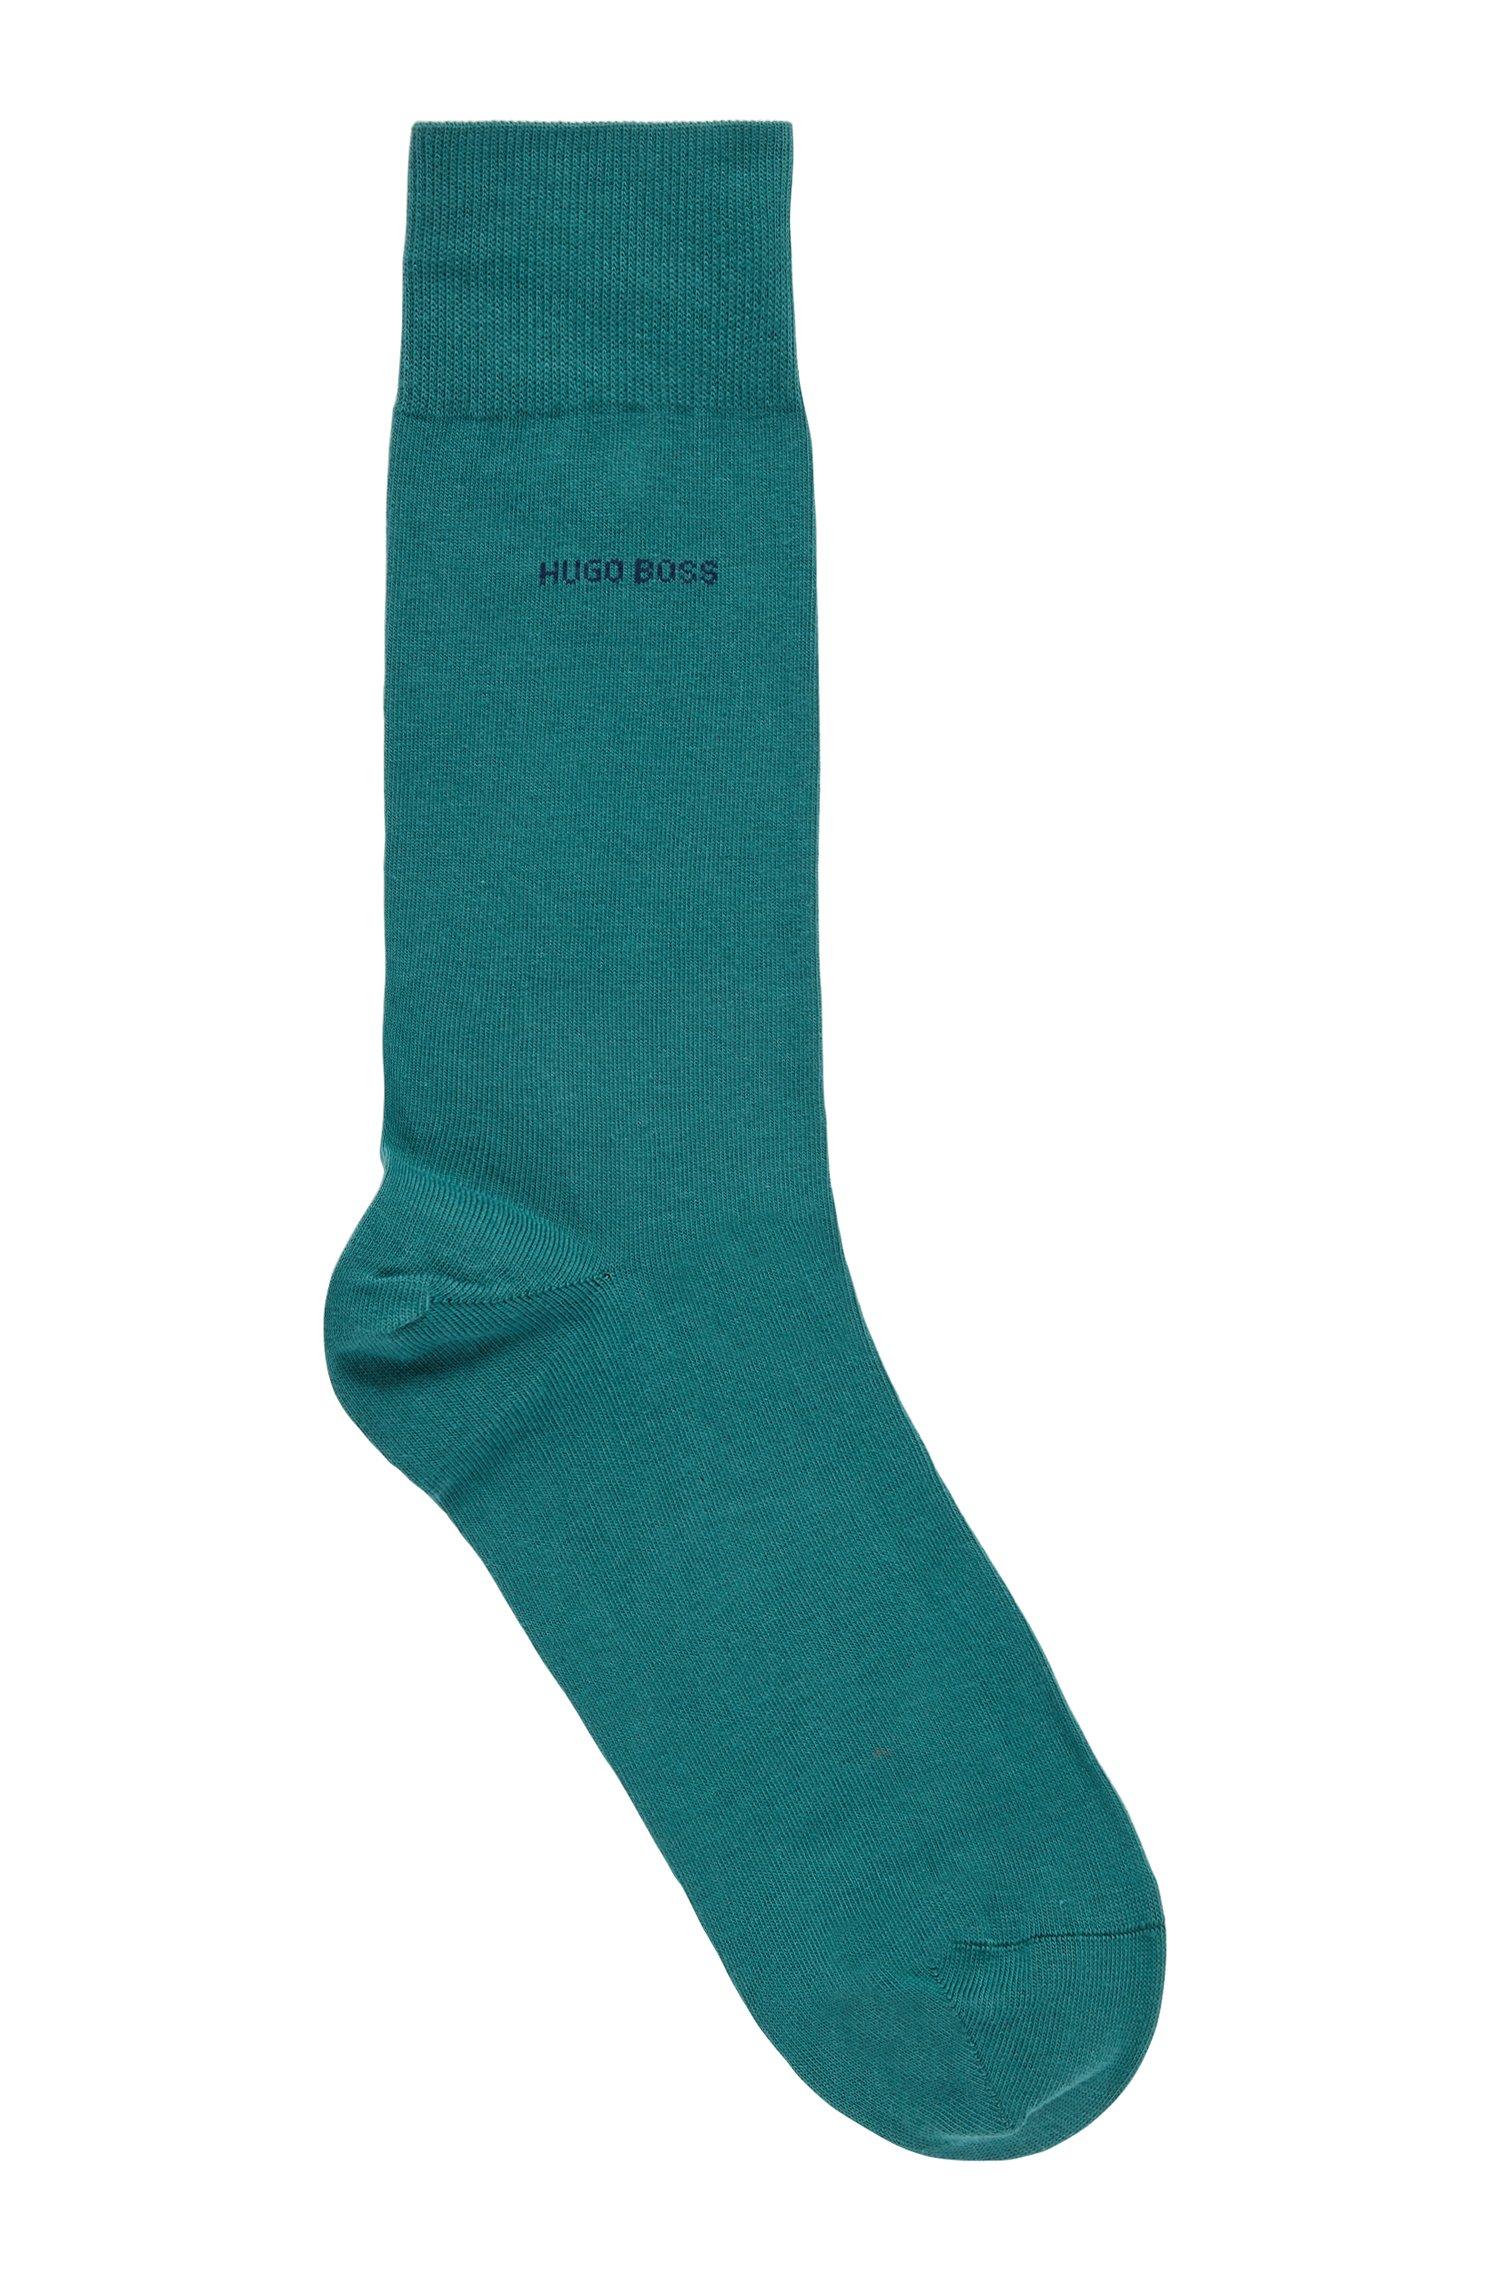 Mittelhohe Socken aus gekämmter Stretch-Baumwolle, Grün